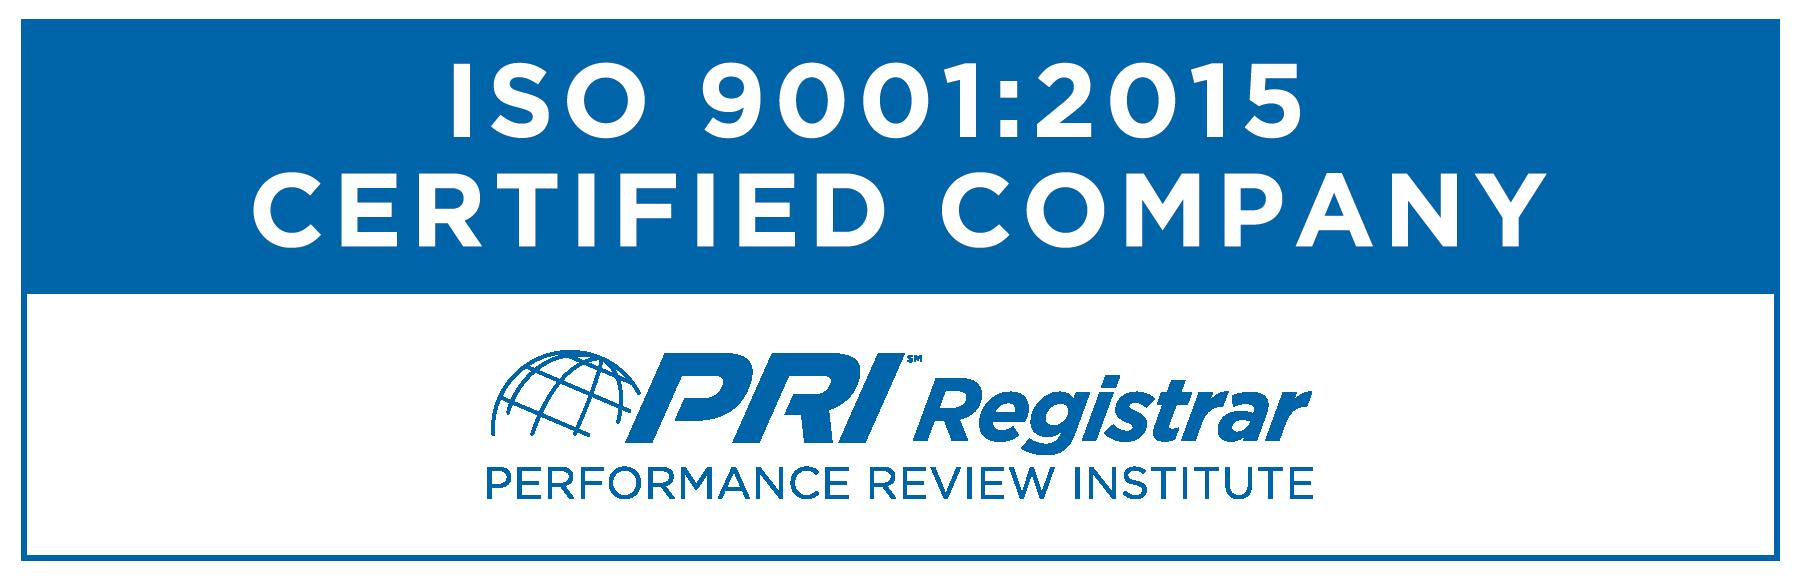 PRI Programs Quality Certificate Image ISO 9001-2015